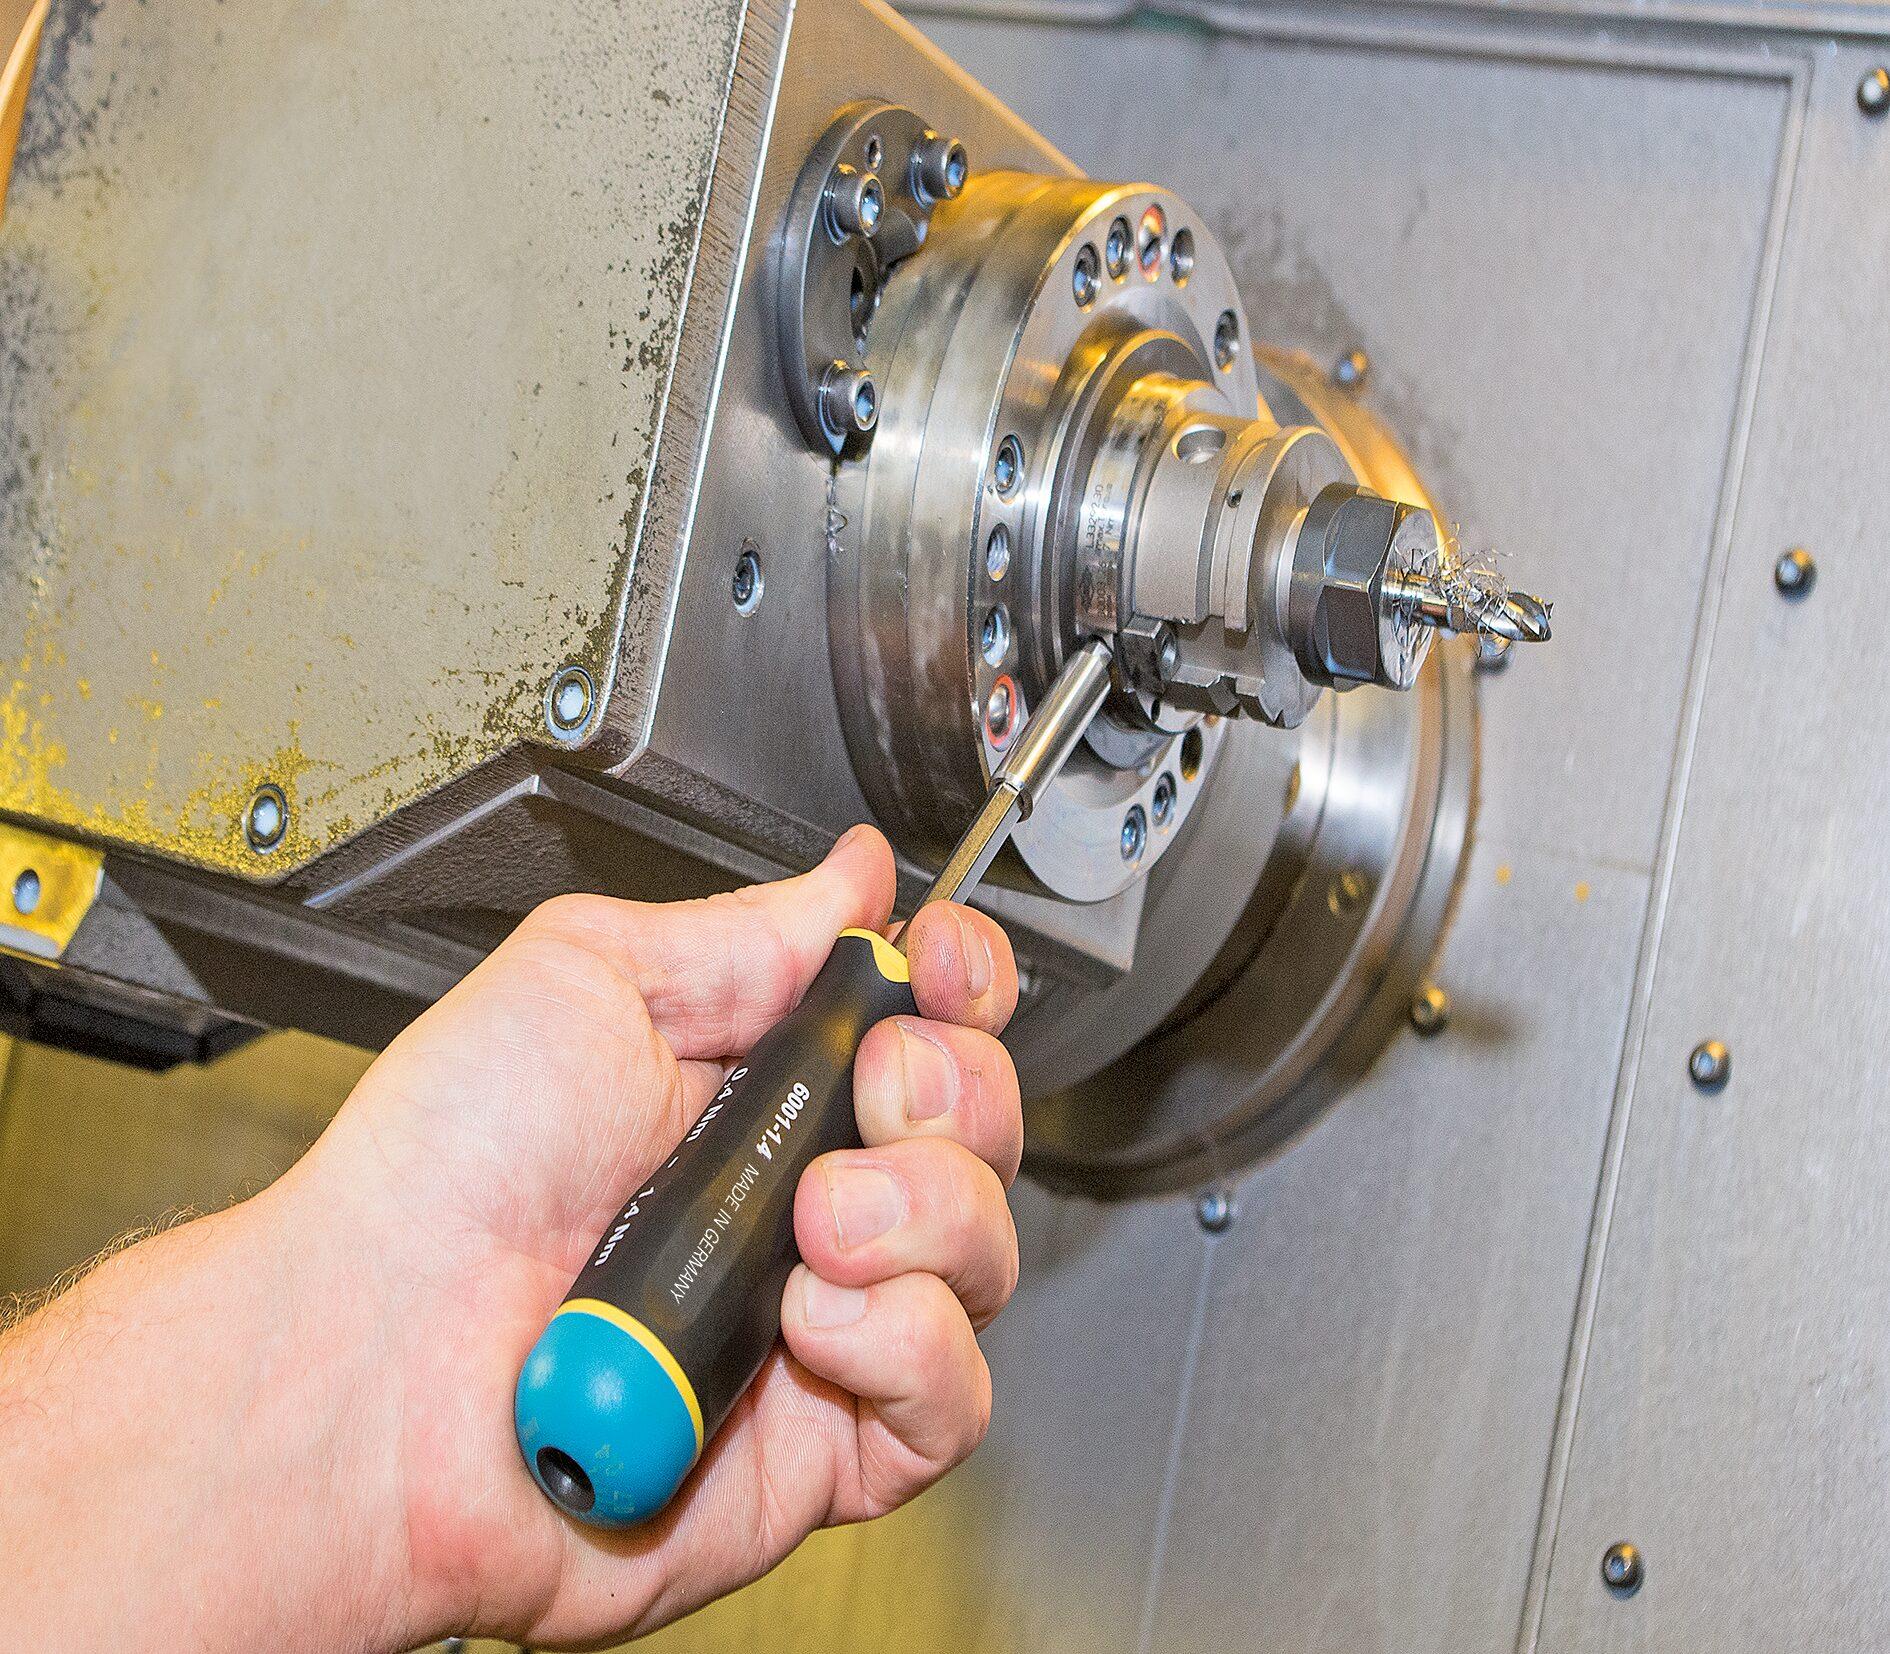 HAZET Drehmoment-Schraubendreher 6001-1.4/3 ∙ Nm min-max: 0.4–1.4 Nm ∙ Toleranz: 10% ∙ Anzahl Werkzeuge: 3